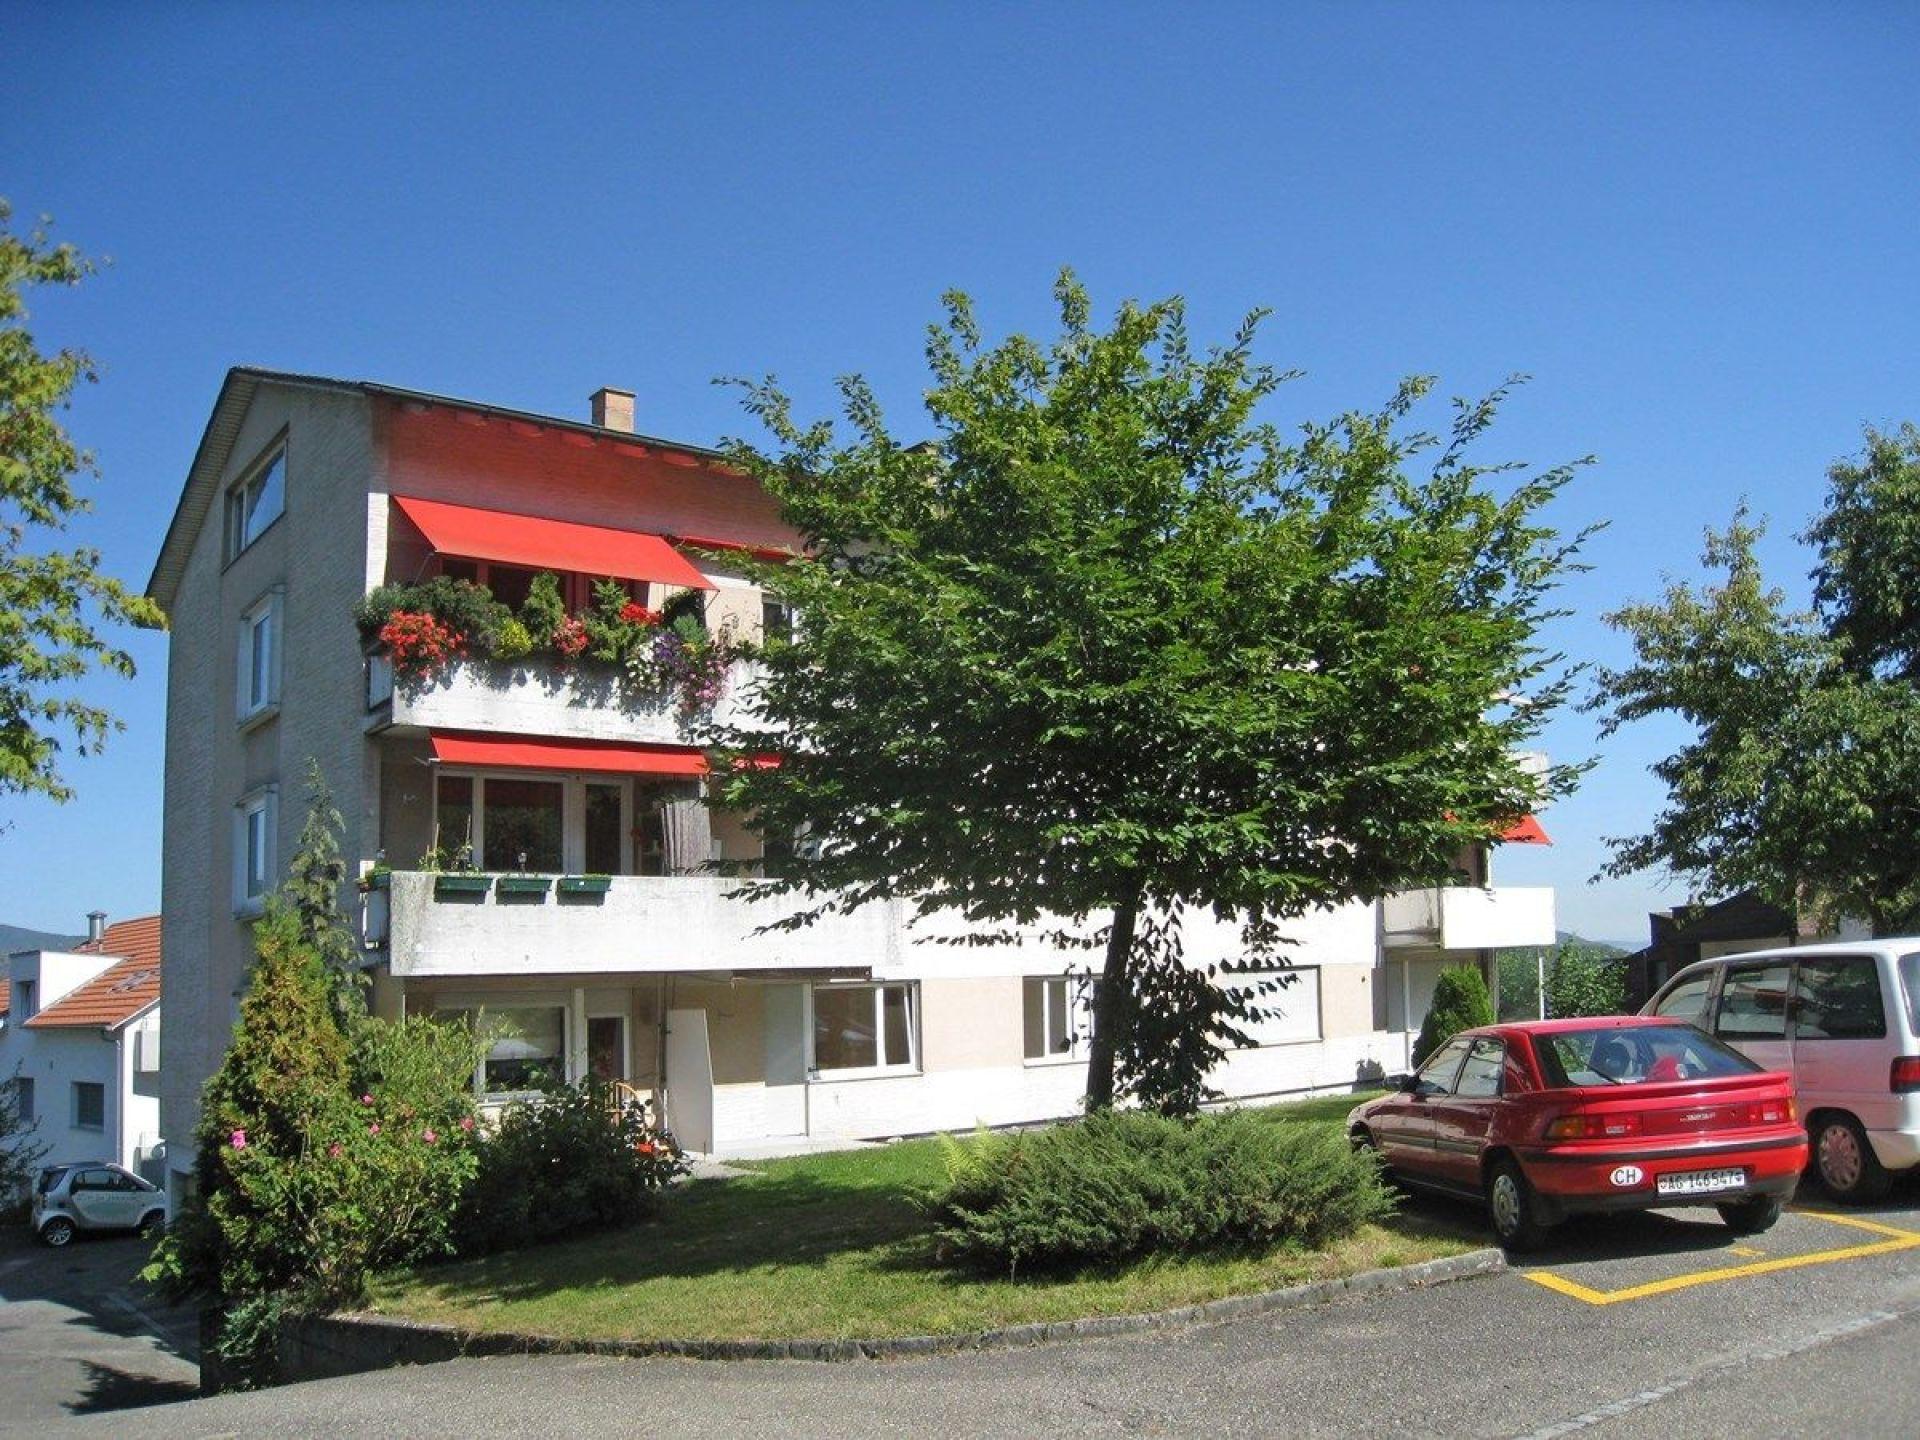 Vermietung: Wohnung mit Balkon und schöner Umgebung